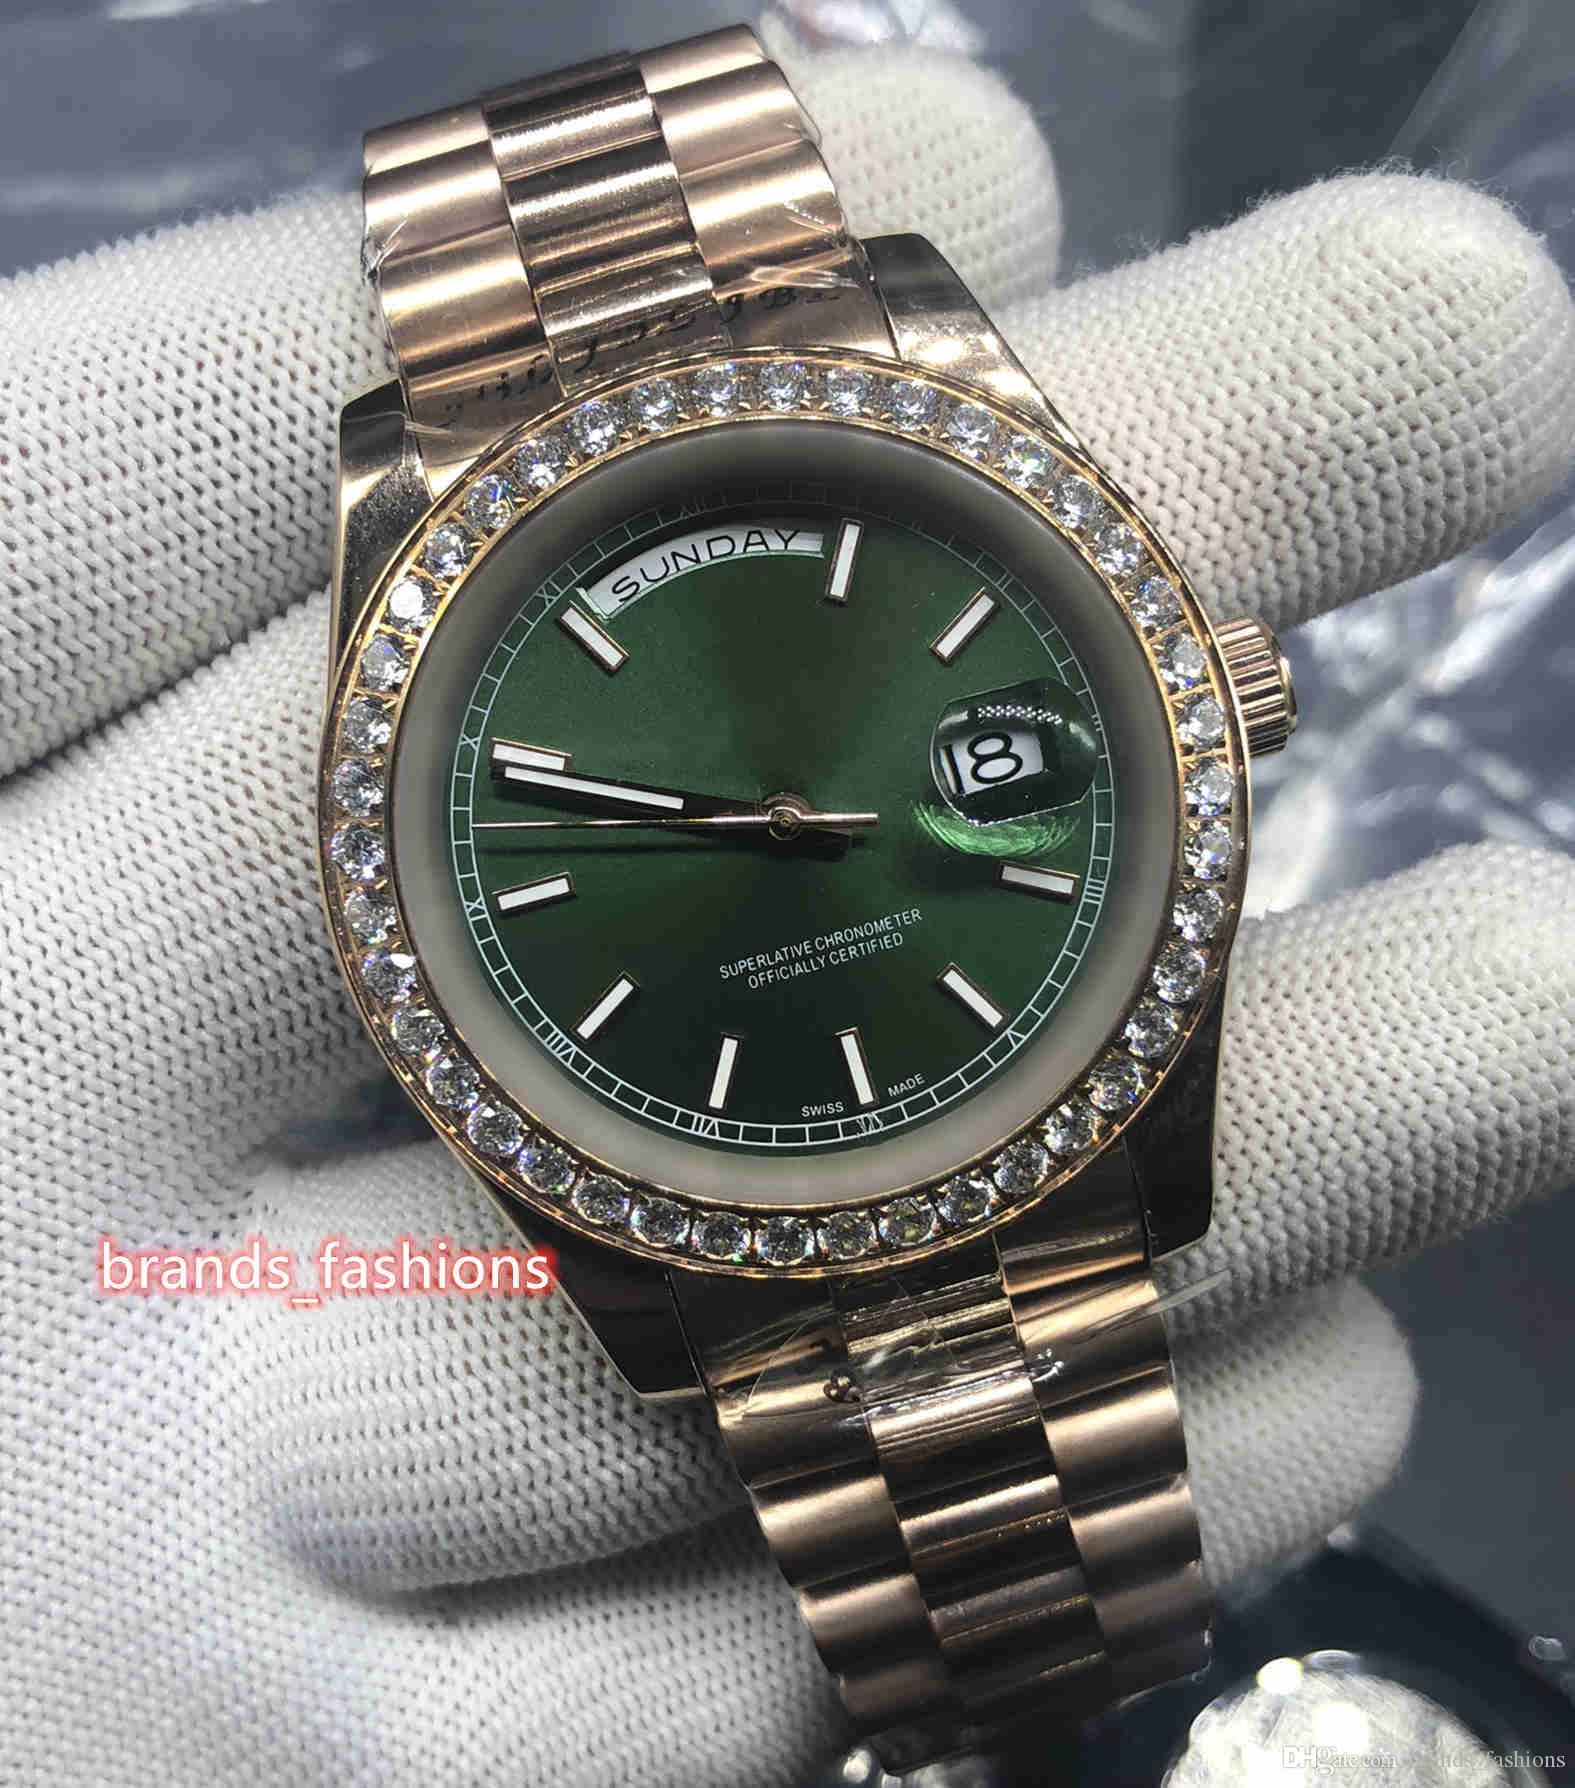 Boutique Hommes d'affaires Montre-bracelet boîtier en or rose en acier inoxydable Montre Diamond Bezel Montre Bracelet en acier inoxydable Montre automatique mécanique